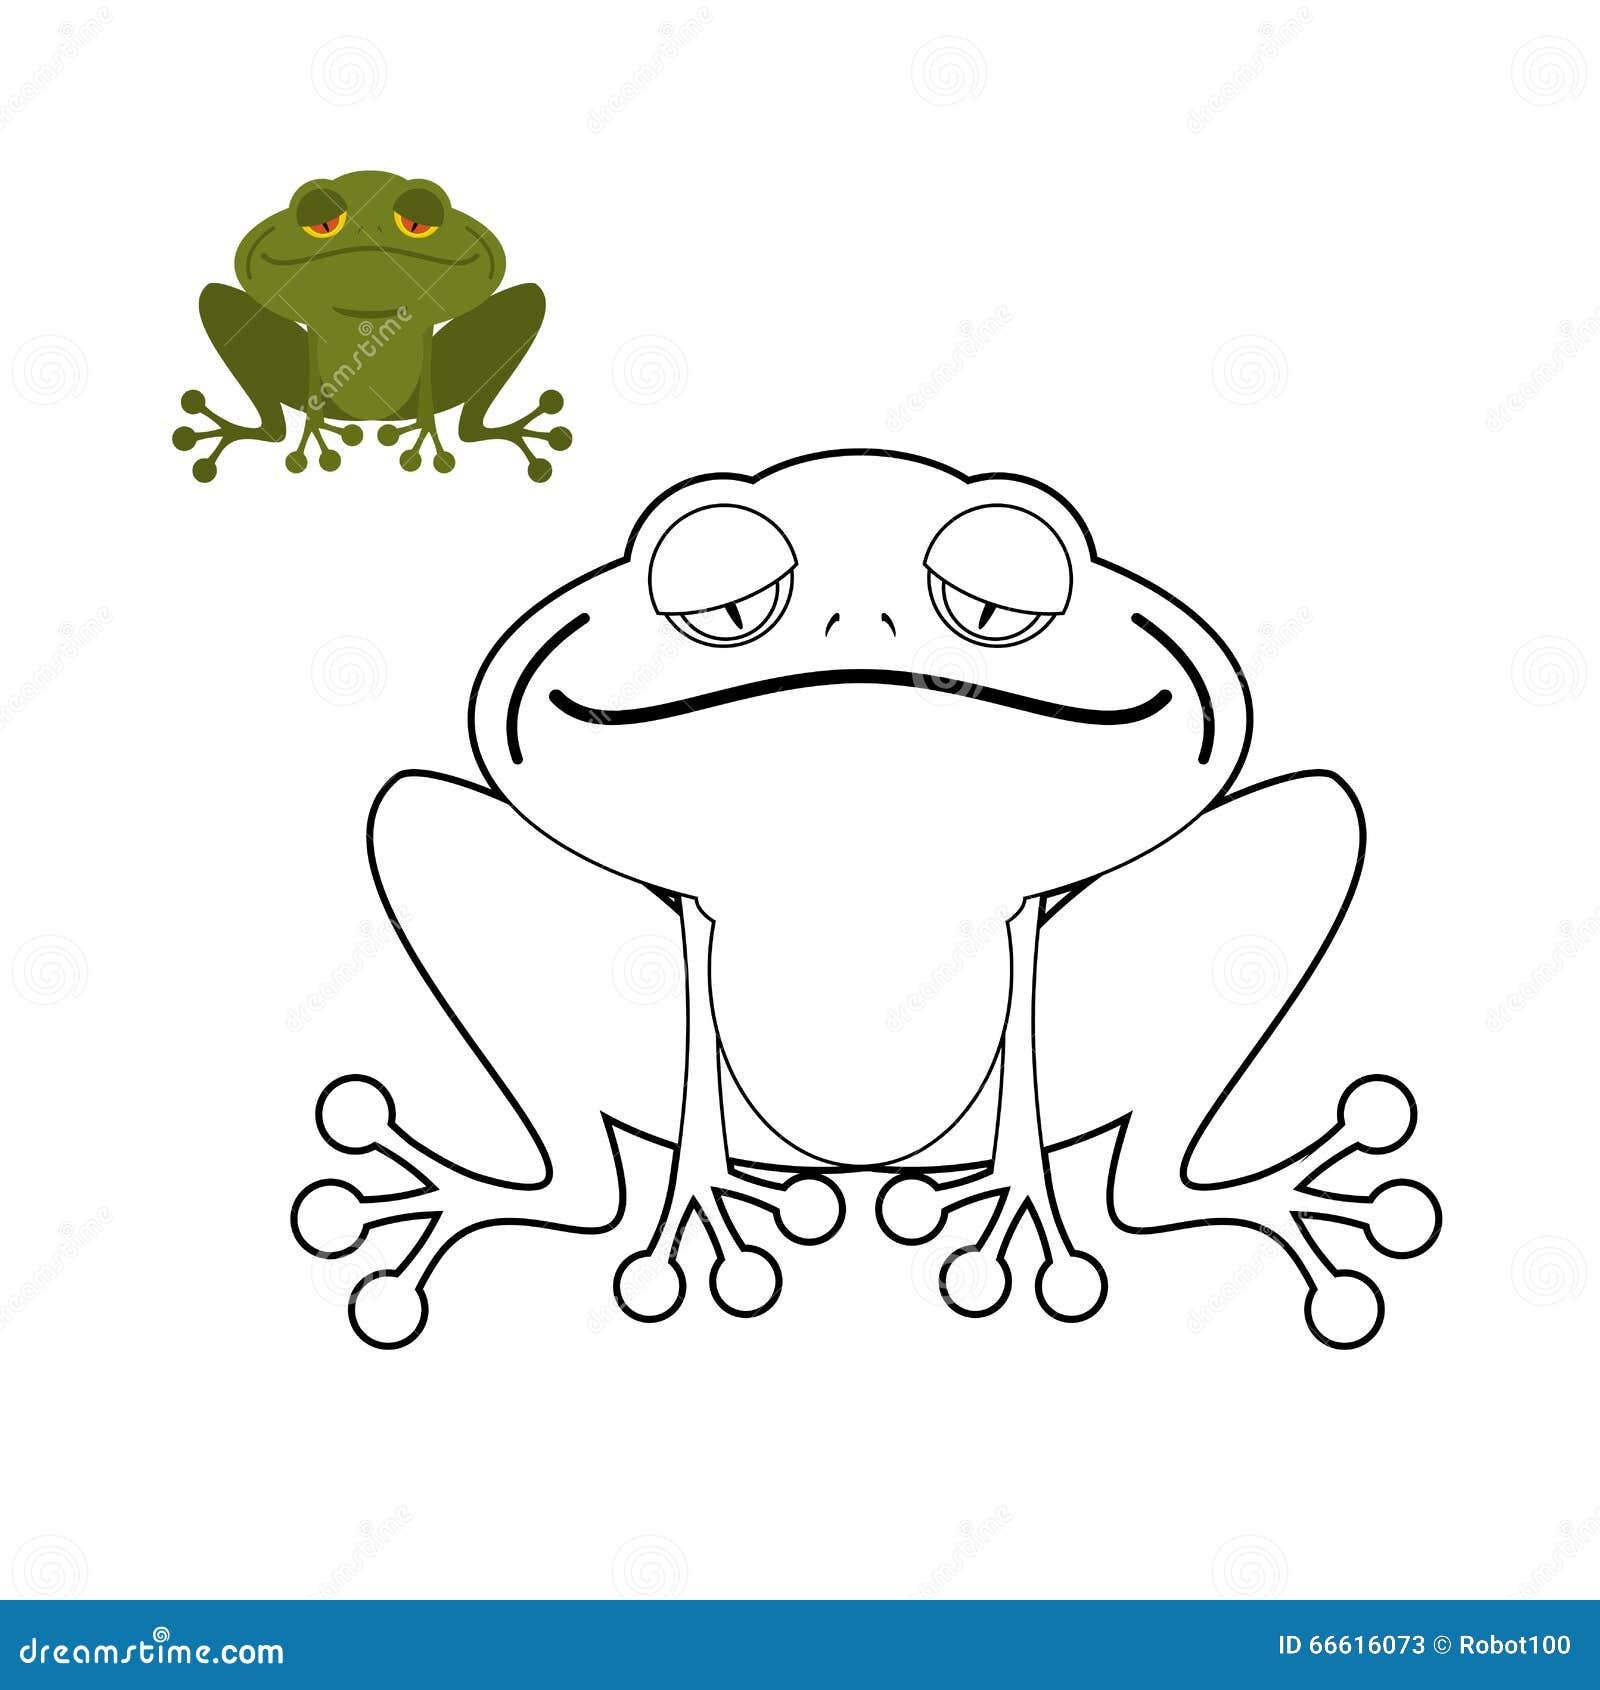 Berühmt Frosch Und Kröte Malvorlagen Ideen - Beispielzusammenfassung ...